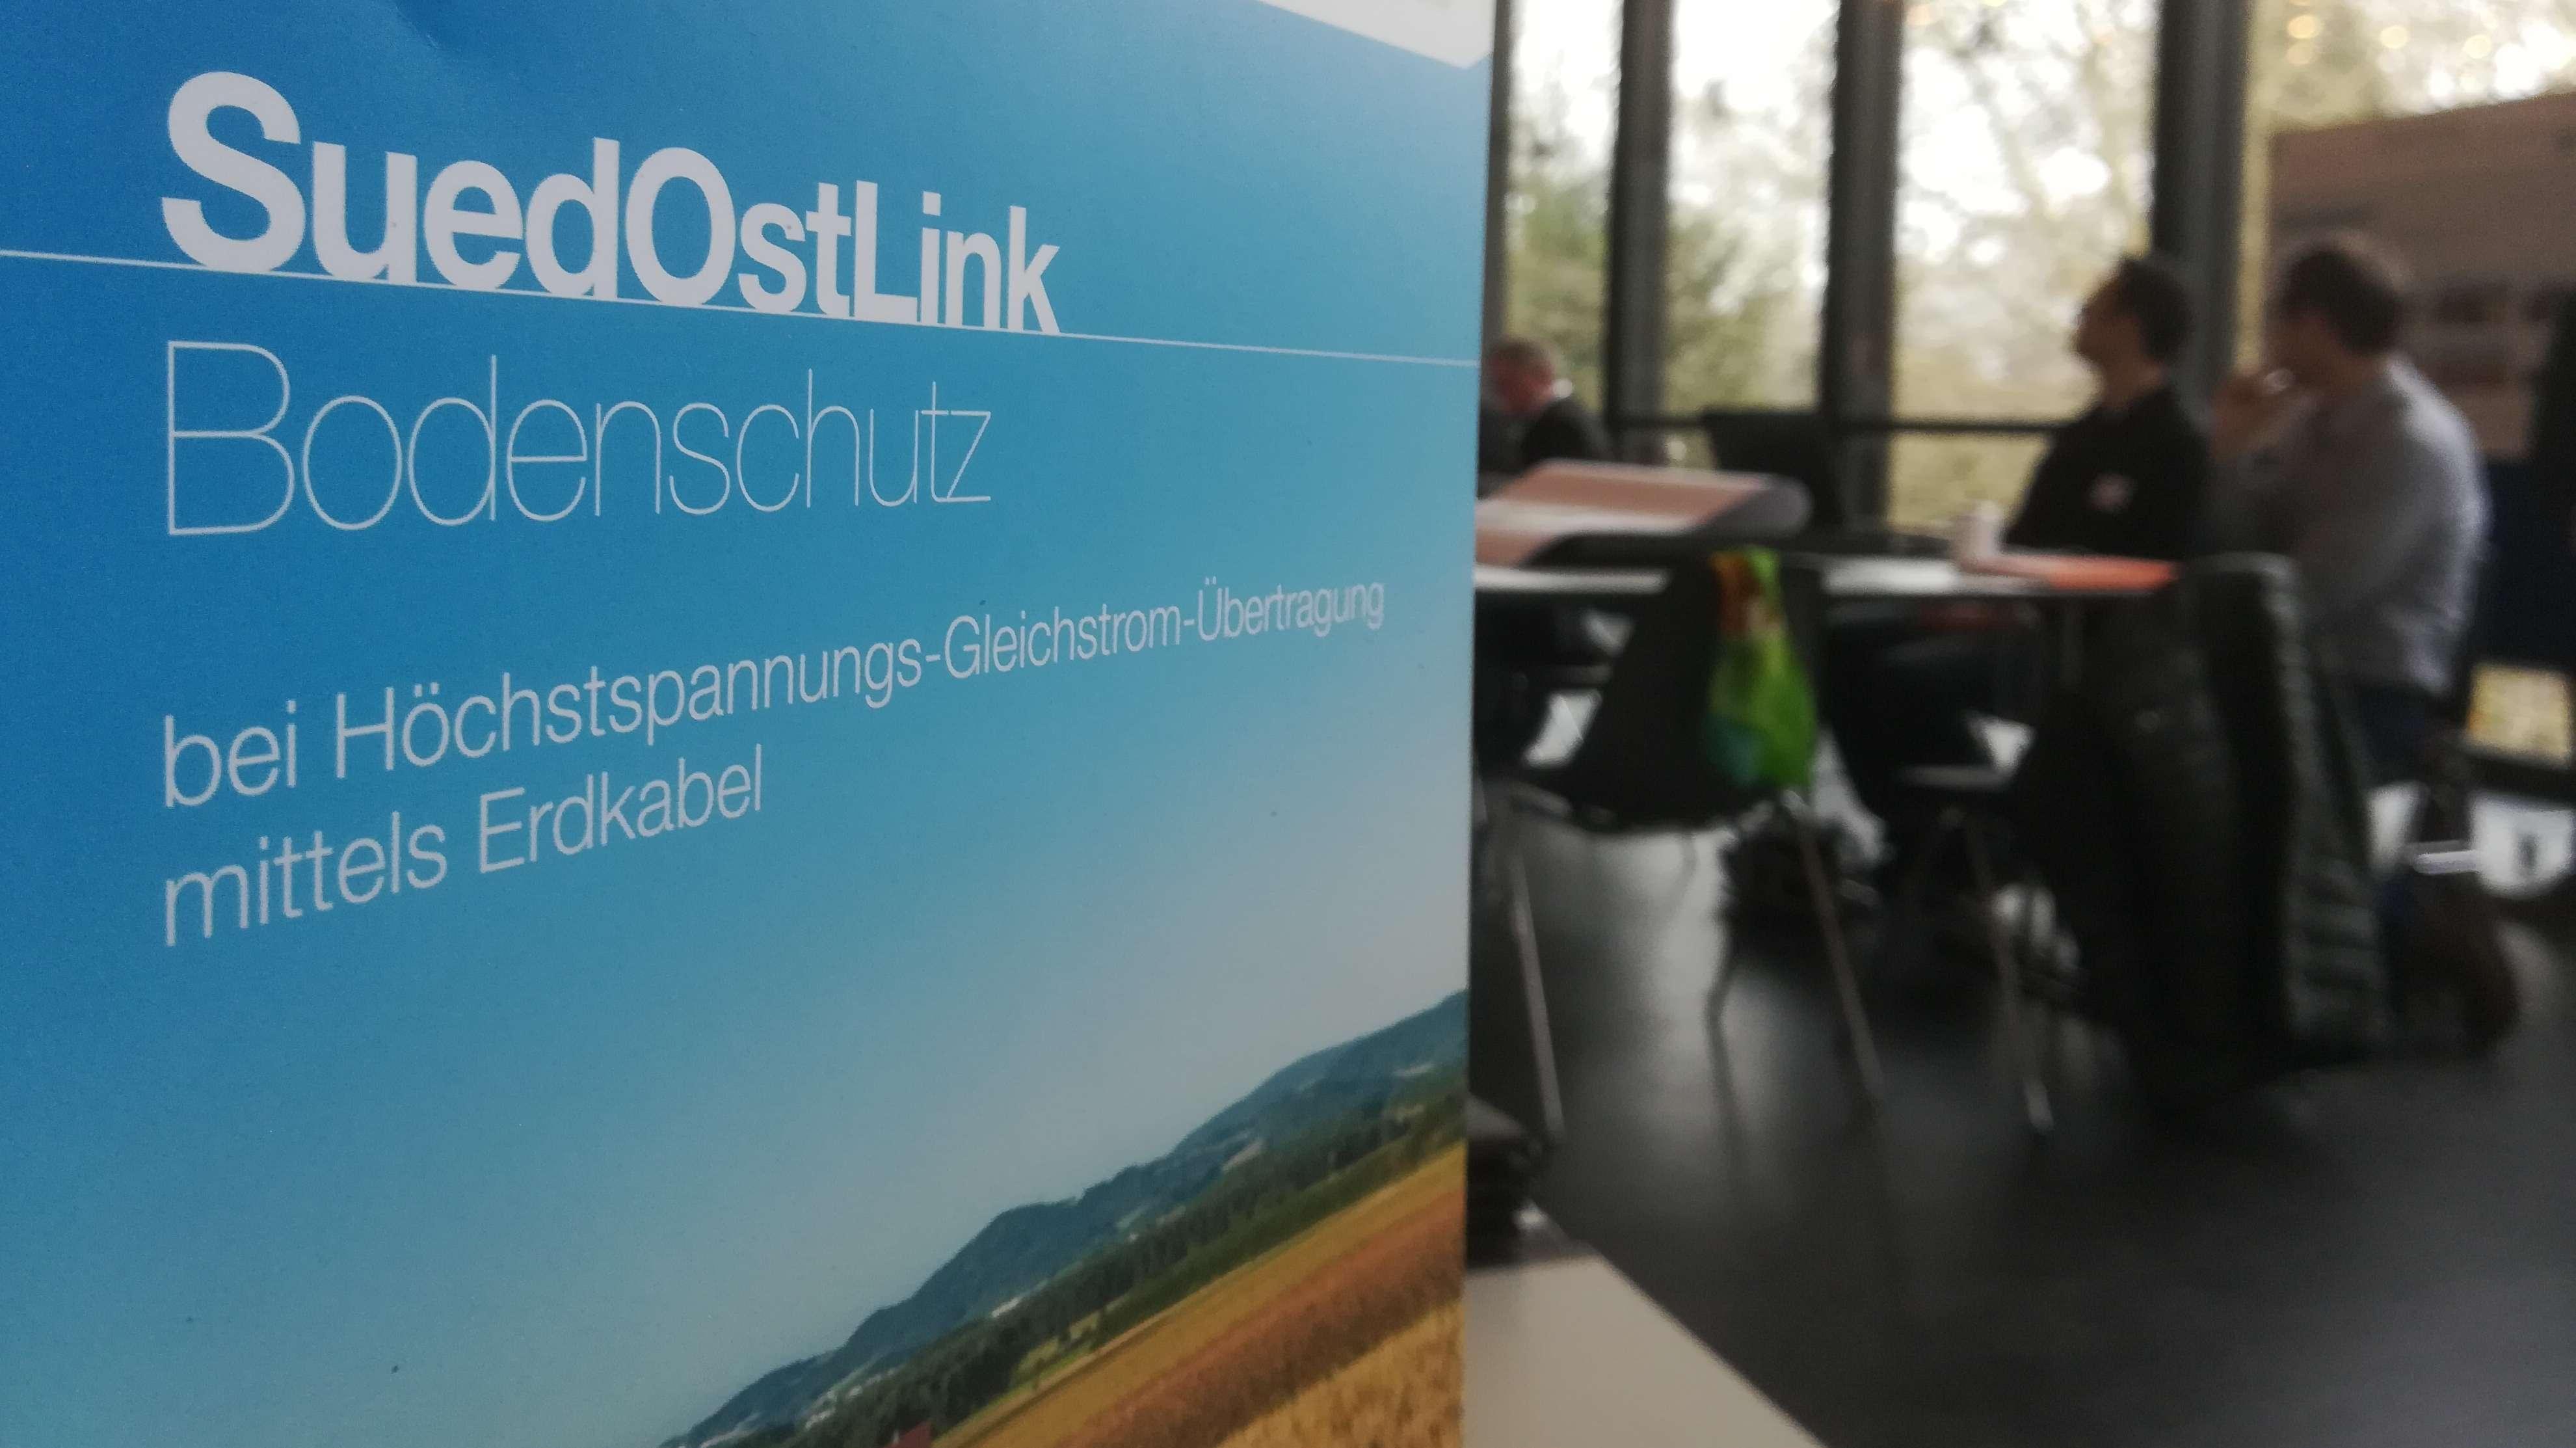 Der Süd-Ost-Link soll nach seiner Fertigstellung Strom aus Norddeutschland in den Süden transportieren.